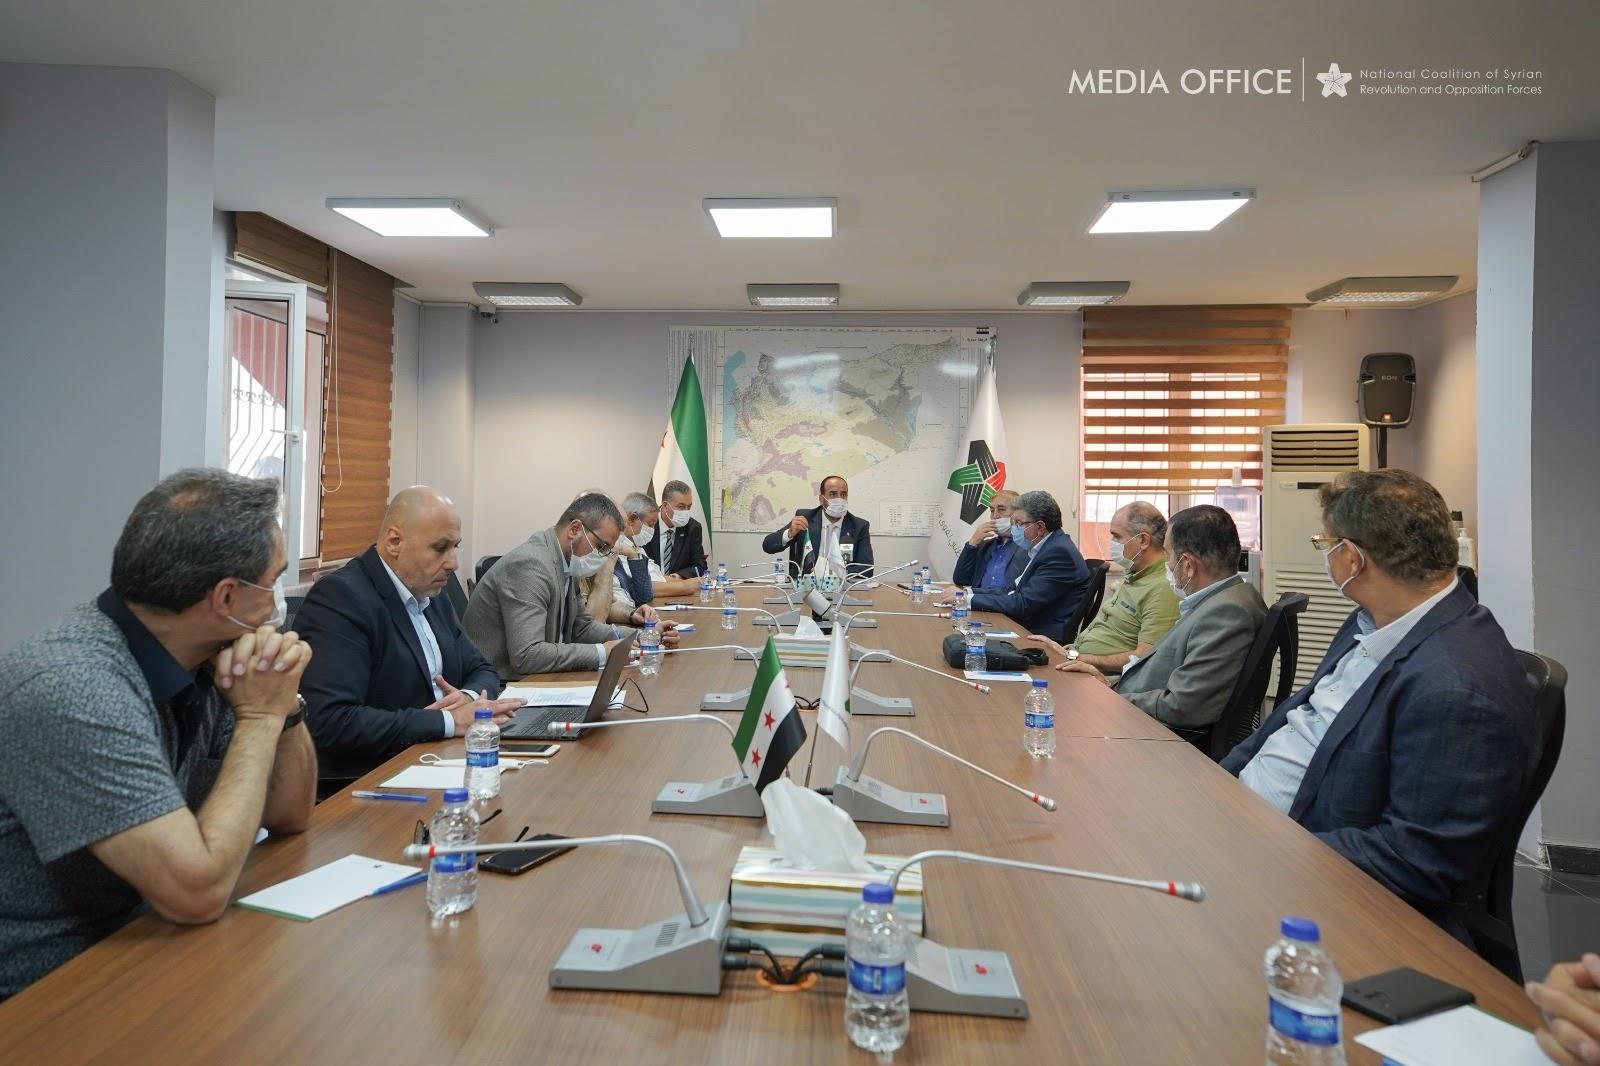 الهيئة السياسية تجري اجتماعاً طارئاً لبحث إجراءات مواجهة جائحة كورونا